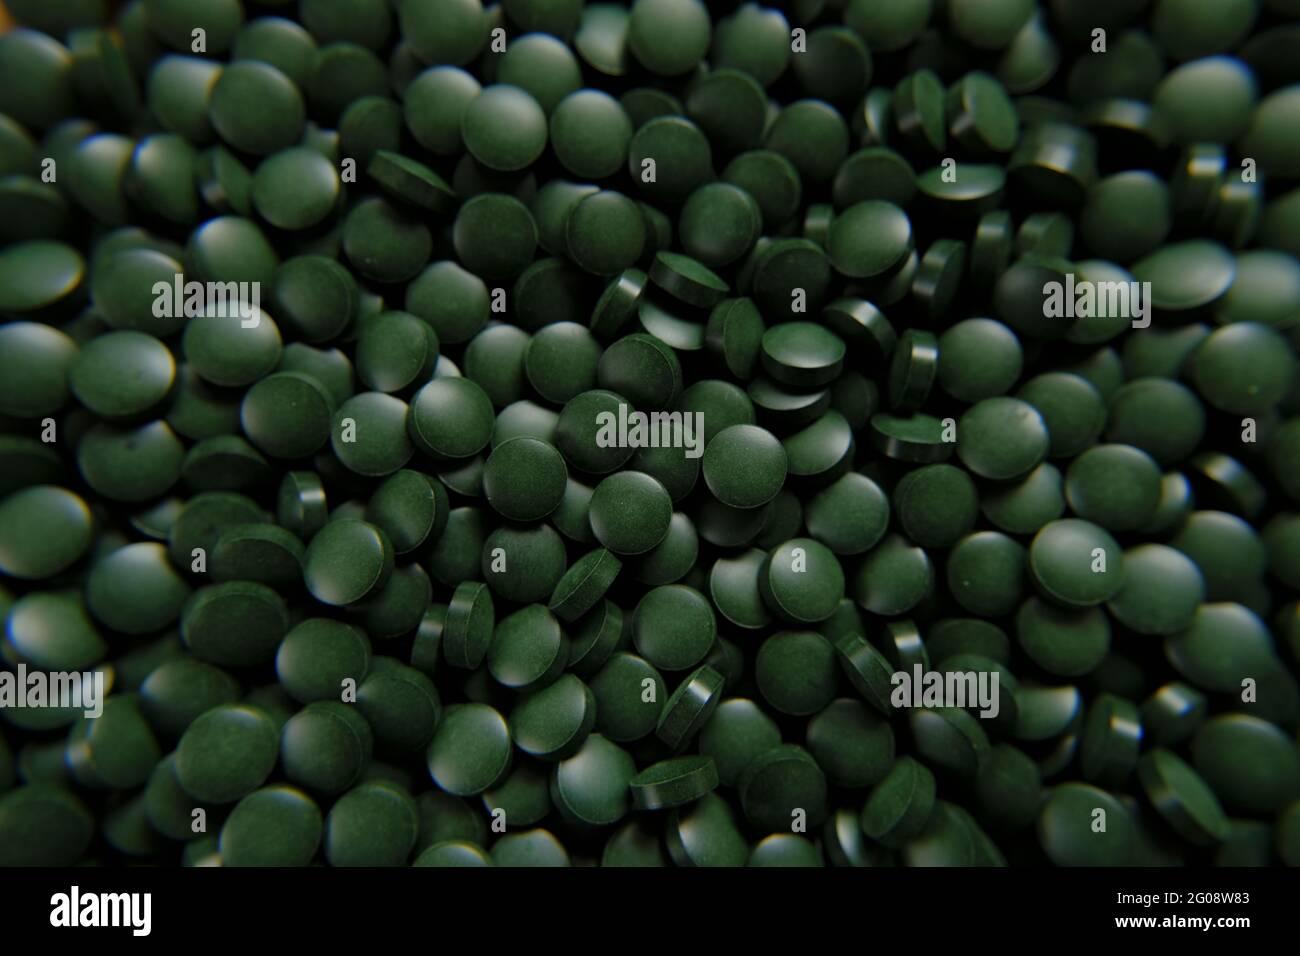 Pilules vertes de spiruline . Spirulina algues vert comprimés.Super food.seaweed. Compléments alimentaires pour un mode de vie sain Banque D'Images